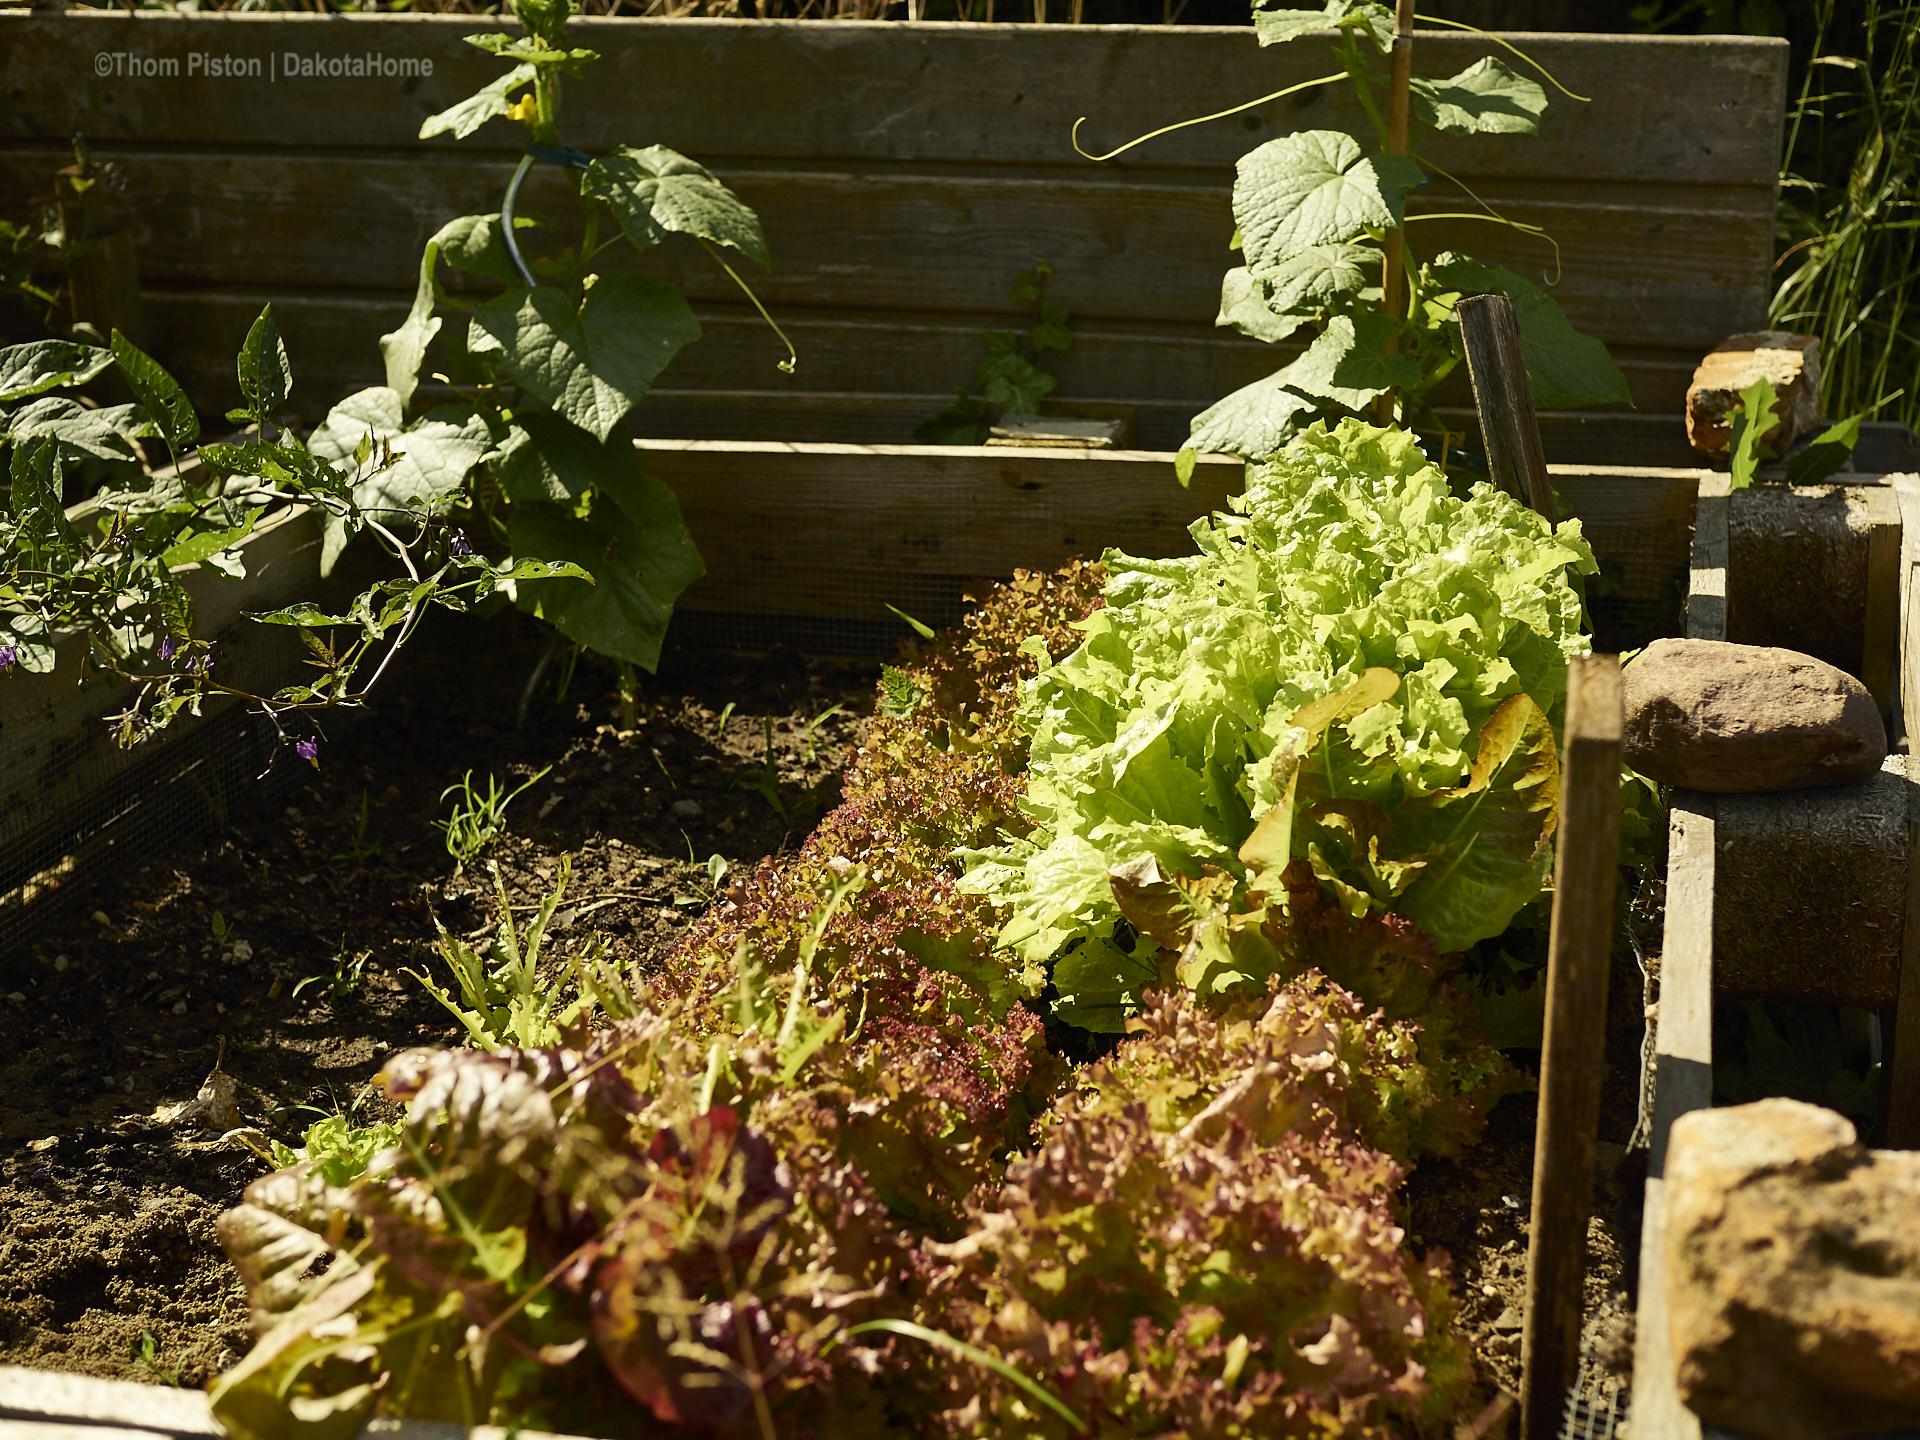 Salat und Gurken at Dakota Home